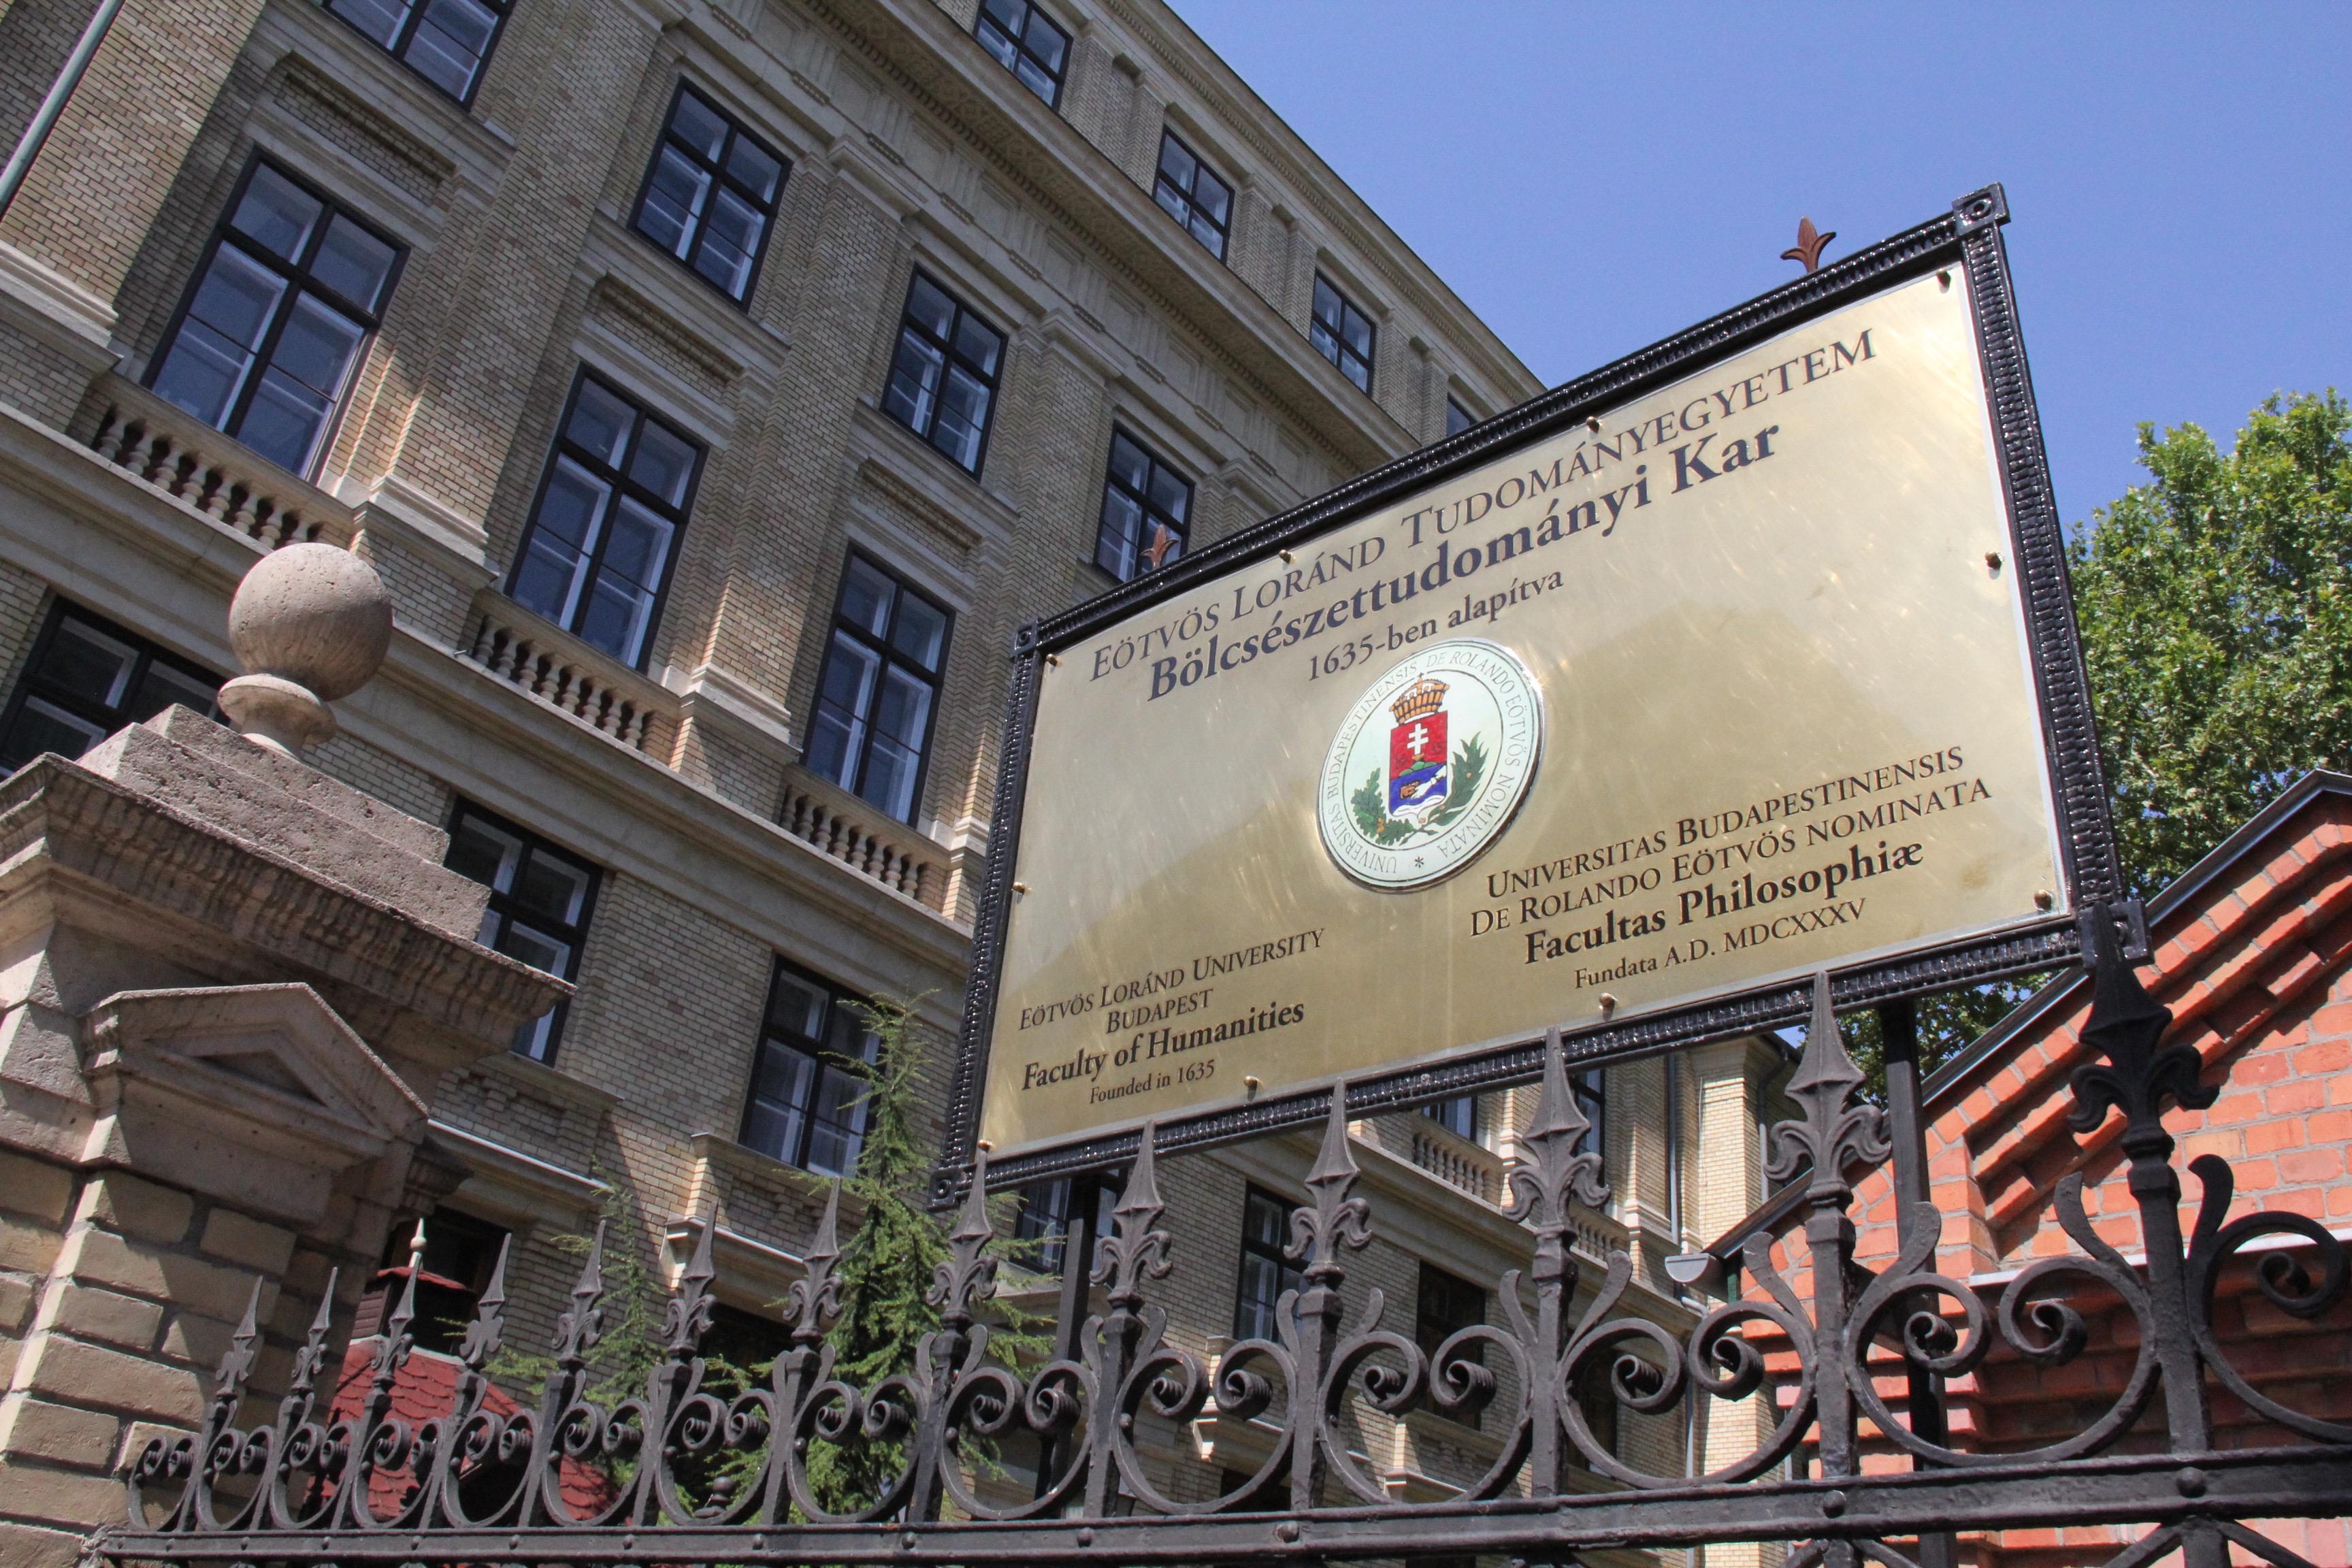 前两名均为俄罗斯名校罗兰大学在匈排名第一      匈牙利6所大学跻身EECA大学排名前100